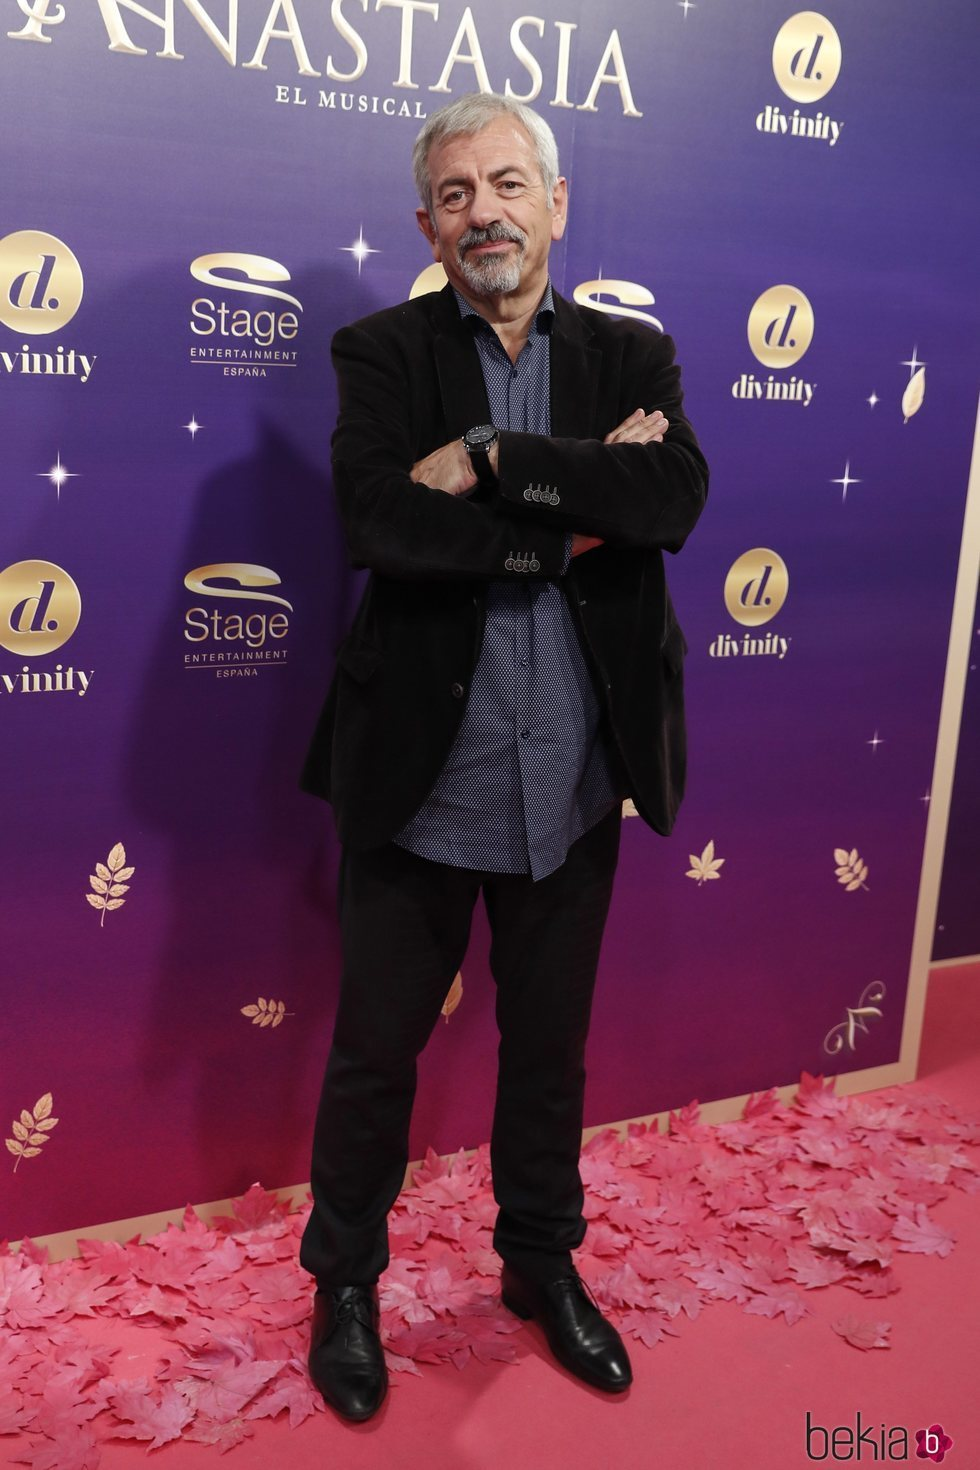 Carlos Sobera en el estreno del musical 'Anastasia' en Madrid